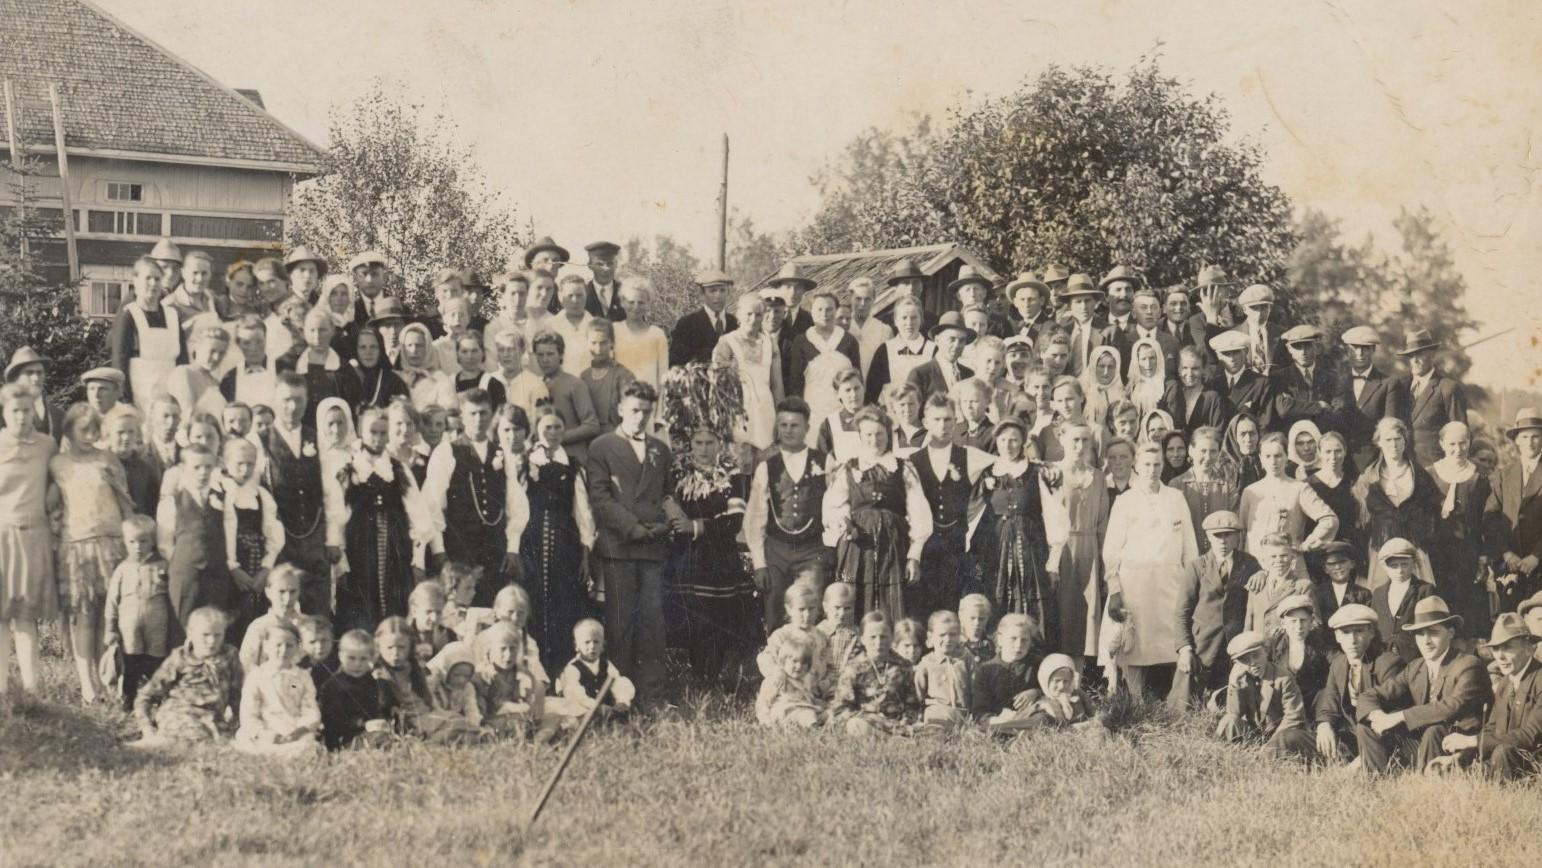 Det var ett riktigt kronbröllop sommaren 1930 då Fanny Klemets gifte sig med Anselm Nygård från Korsbäck. Klemets gård syns till vänster.